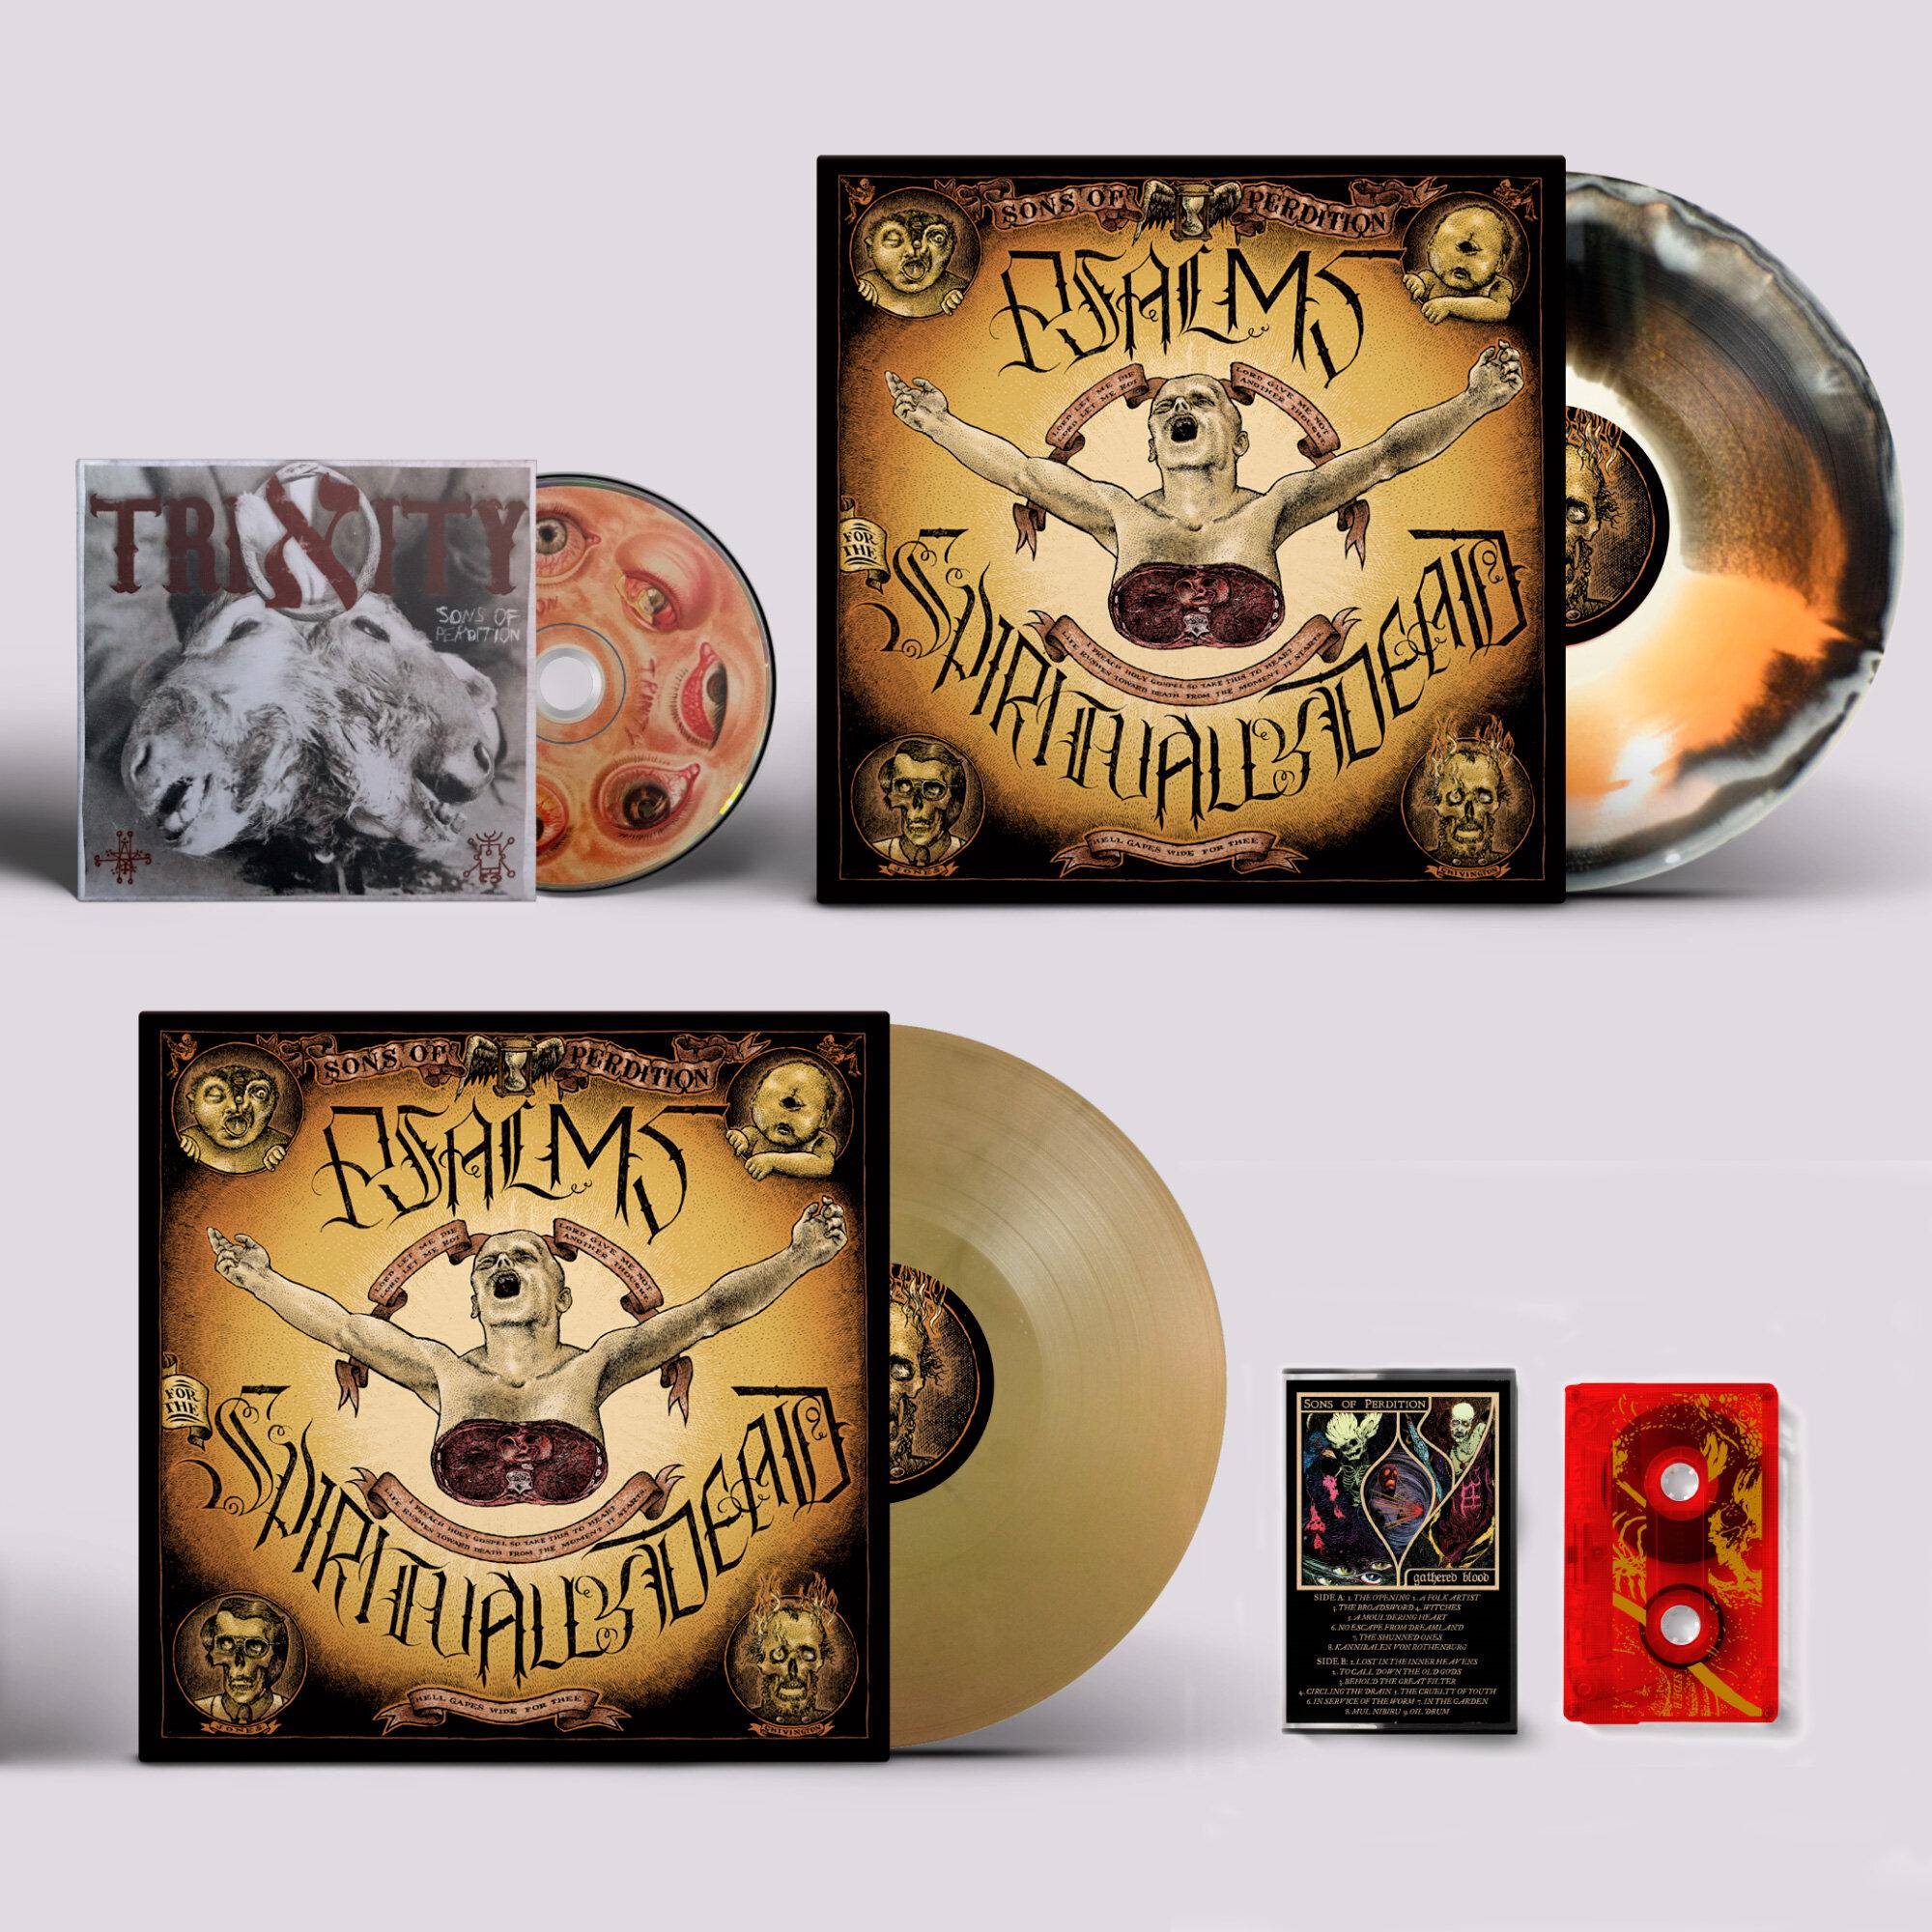 SR18-SR19_SonsOfPerdition_BothVersions-cd-Vinyl-Mockup.jpg